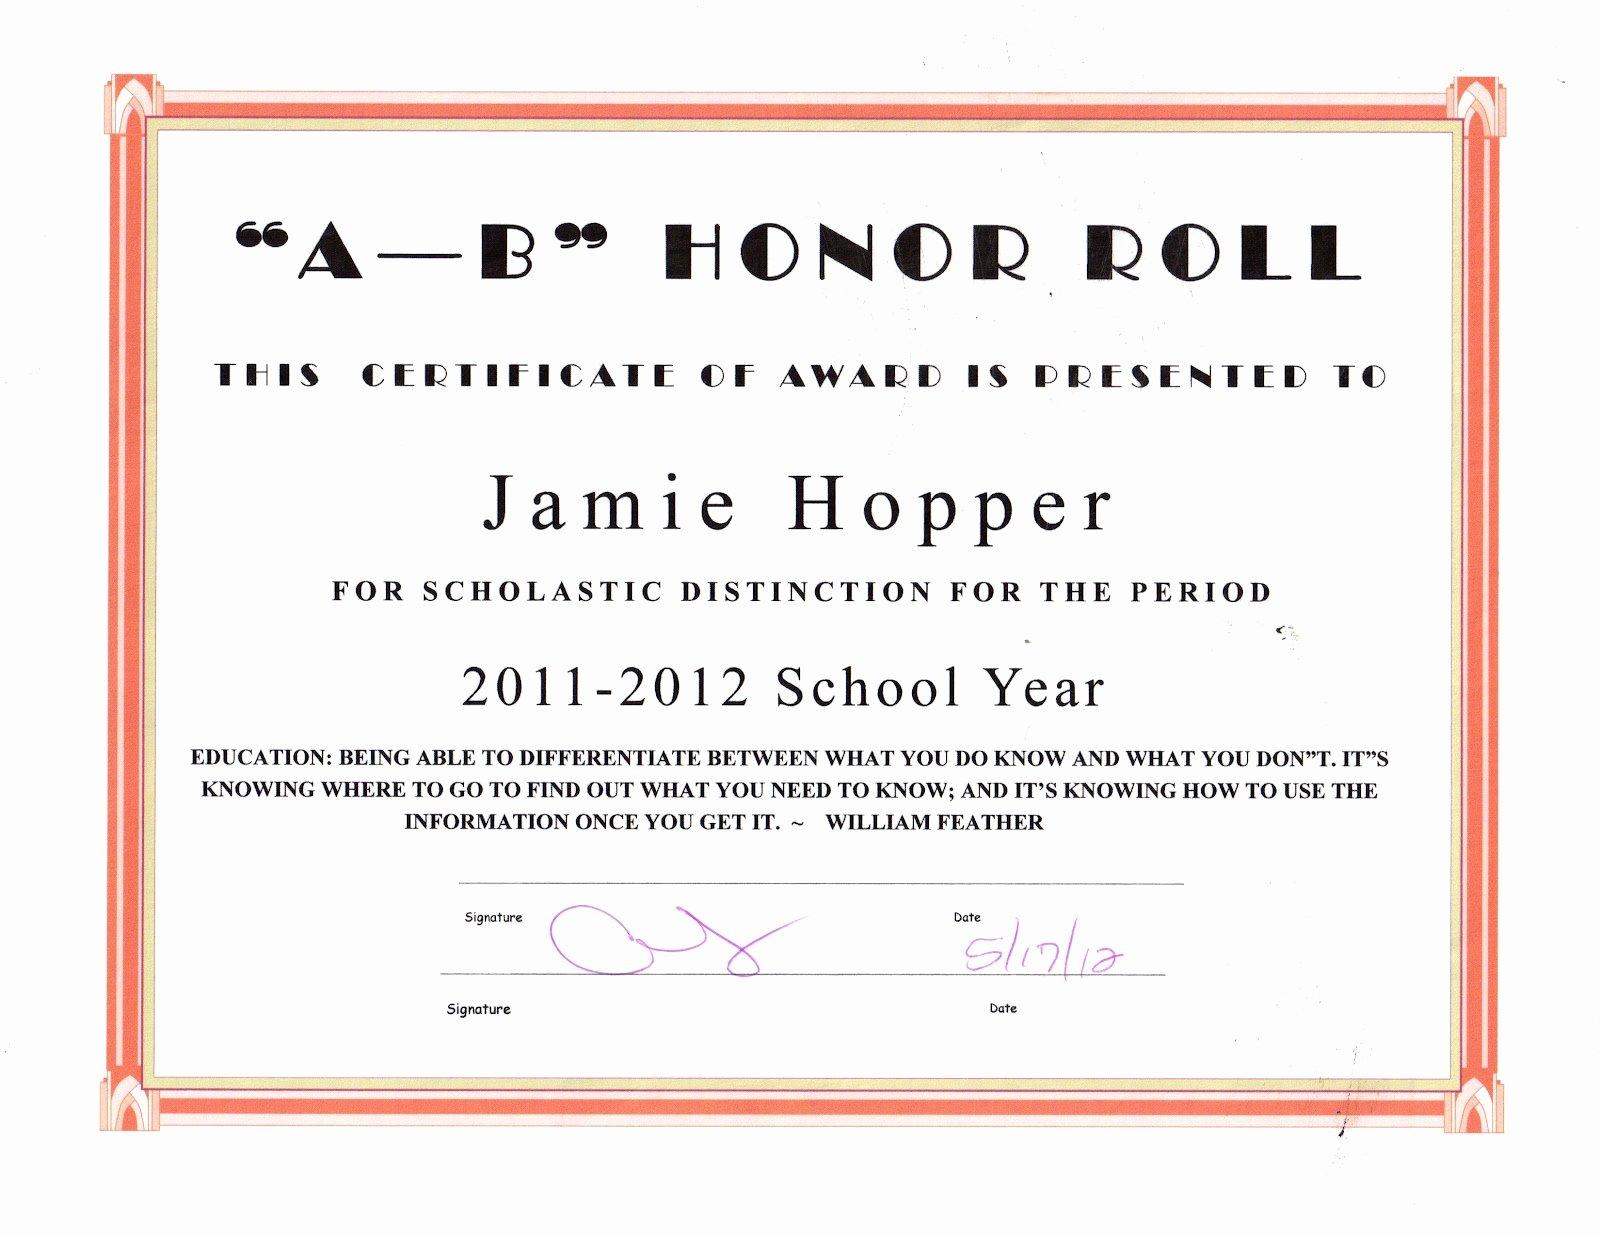 Honor Roll Certificate Templates Free Elegant the Jason Hopper Family June 2012